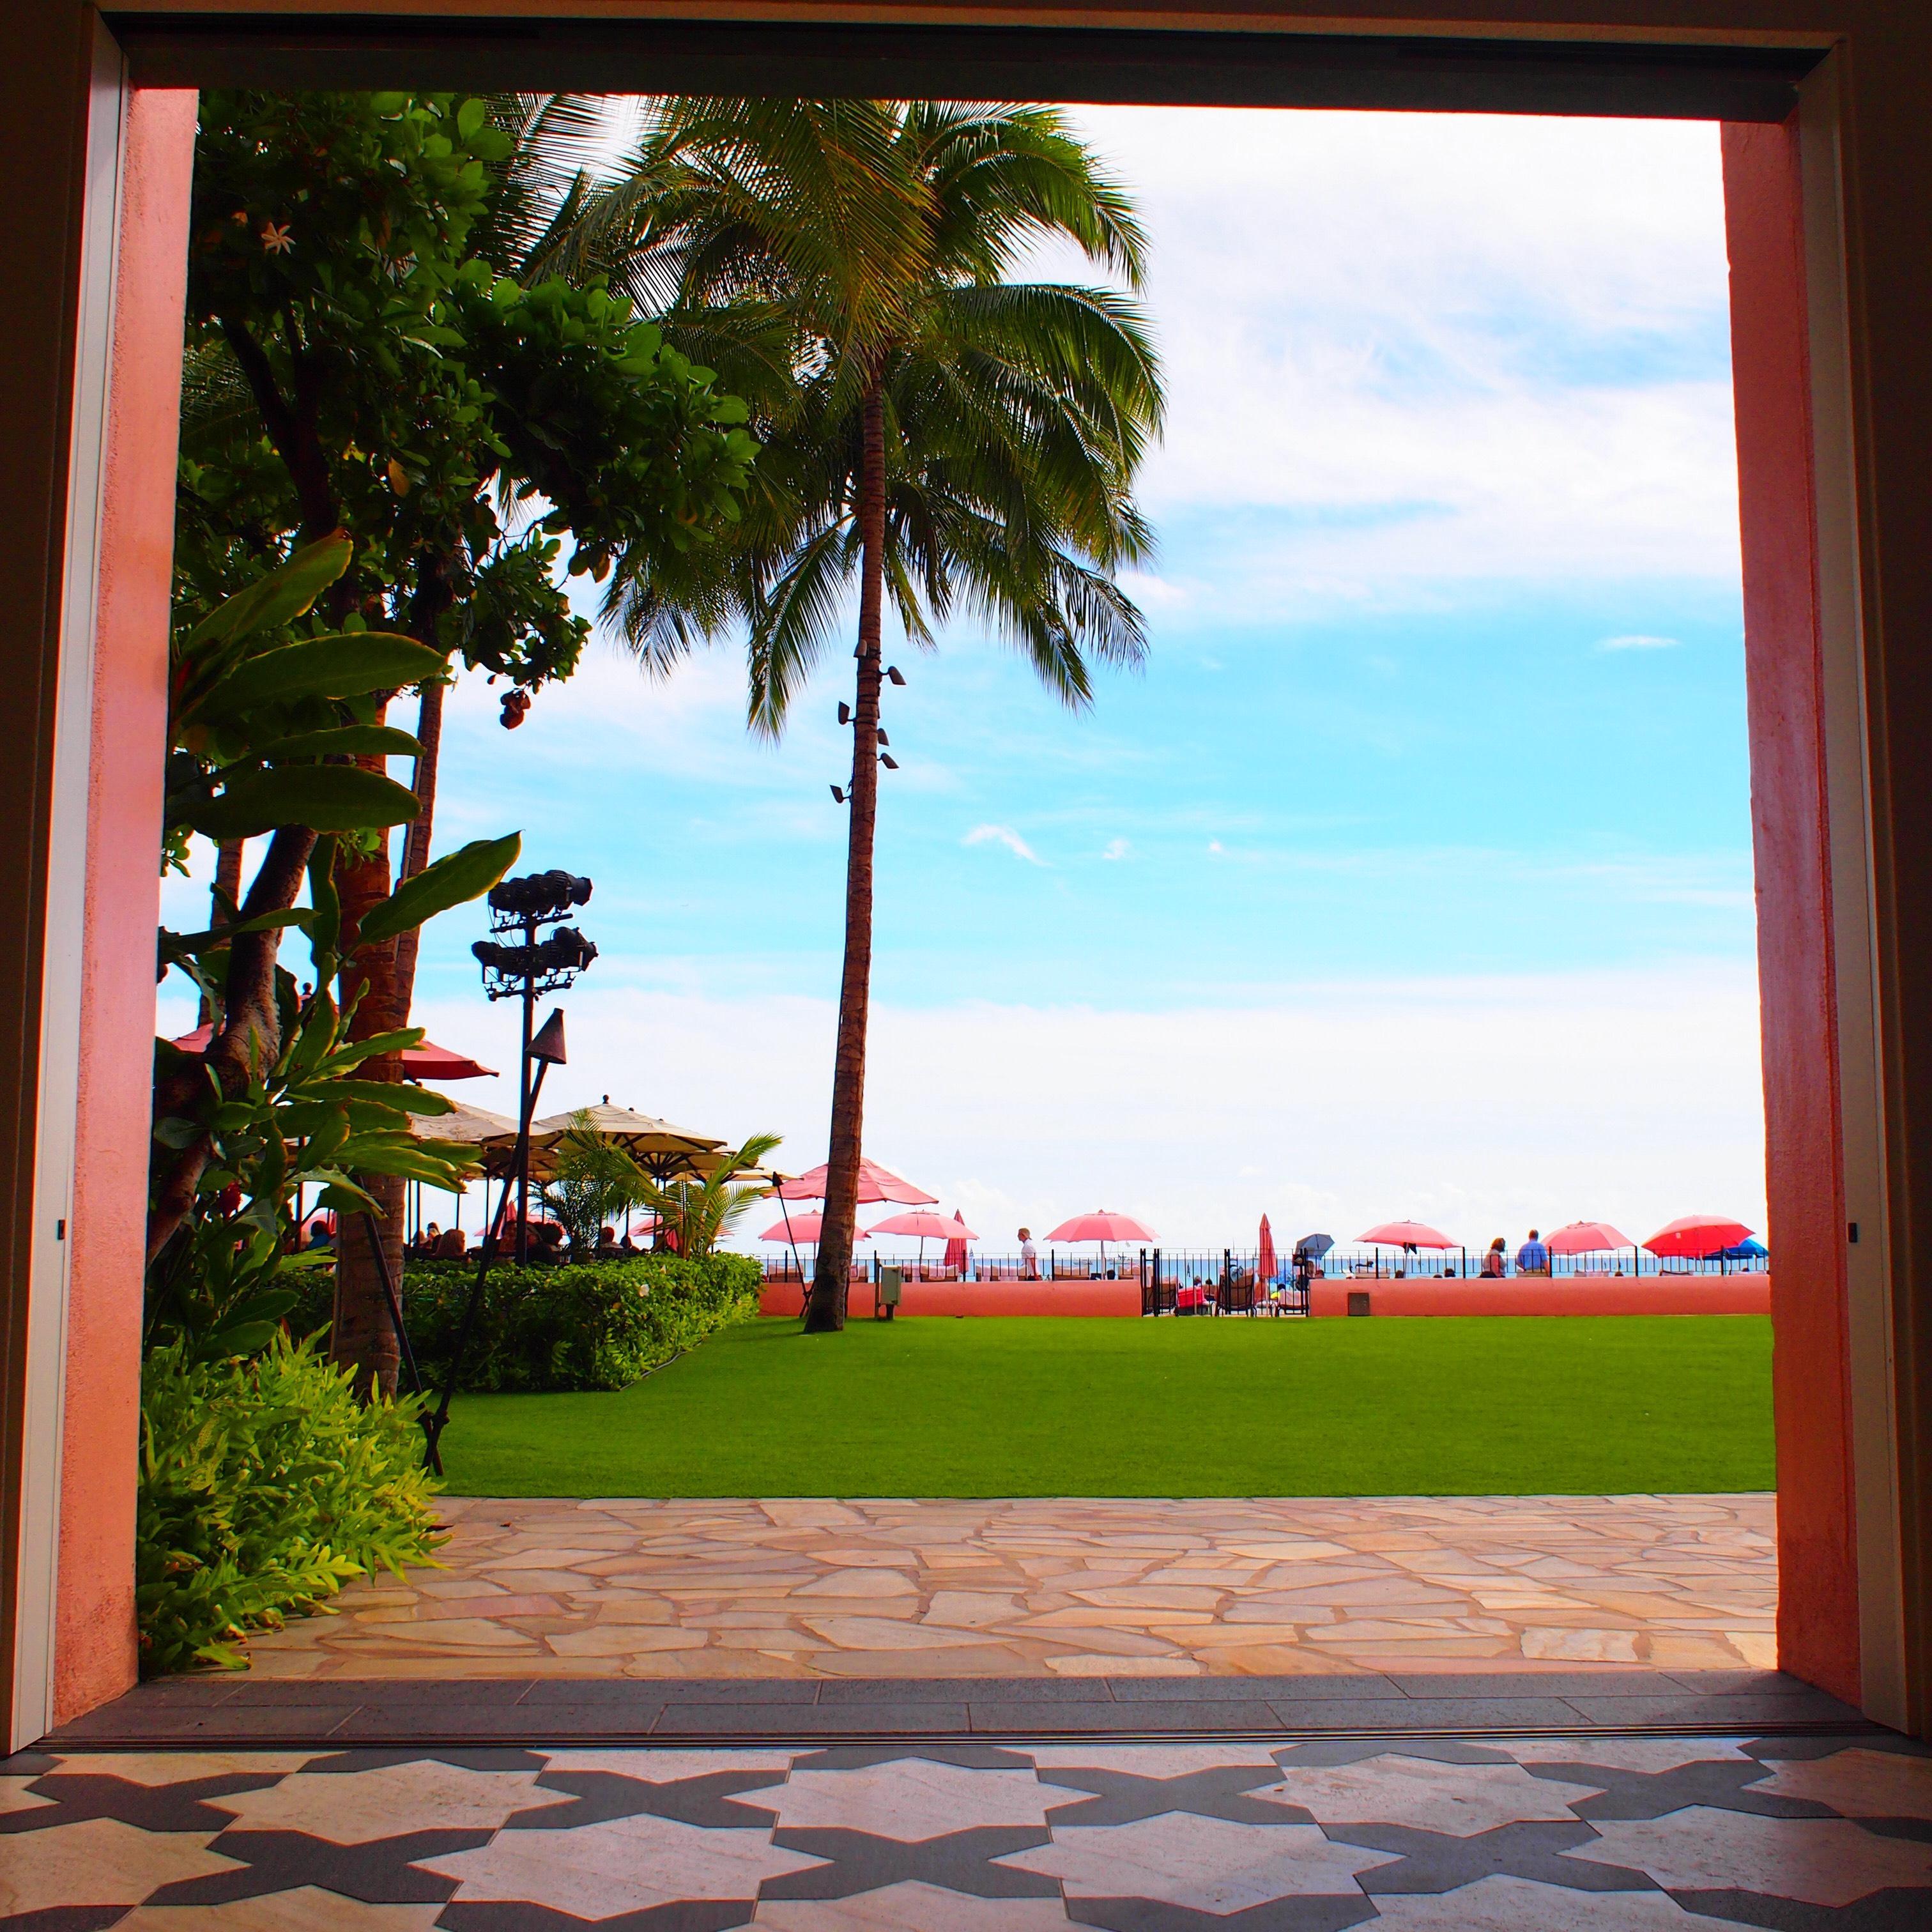 ハワイ ロイヤルハワイアンホテル